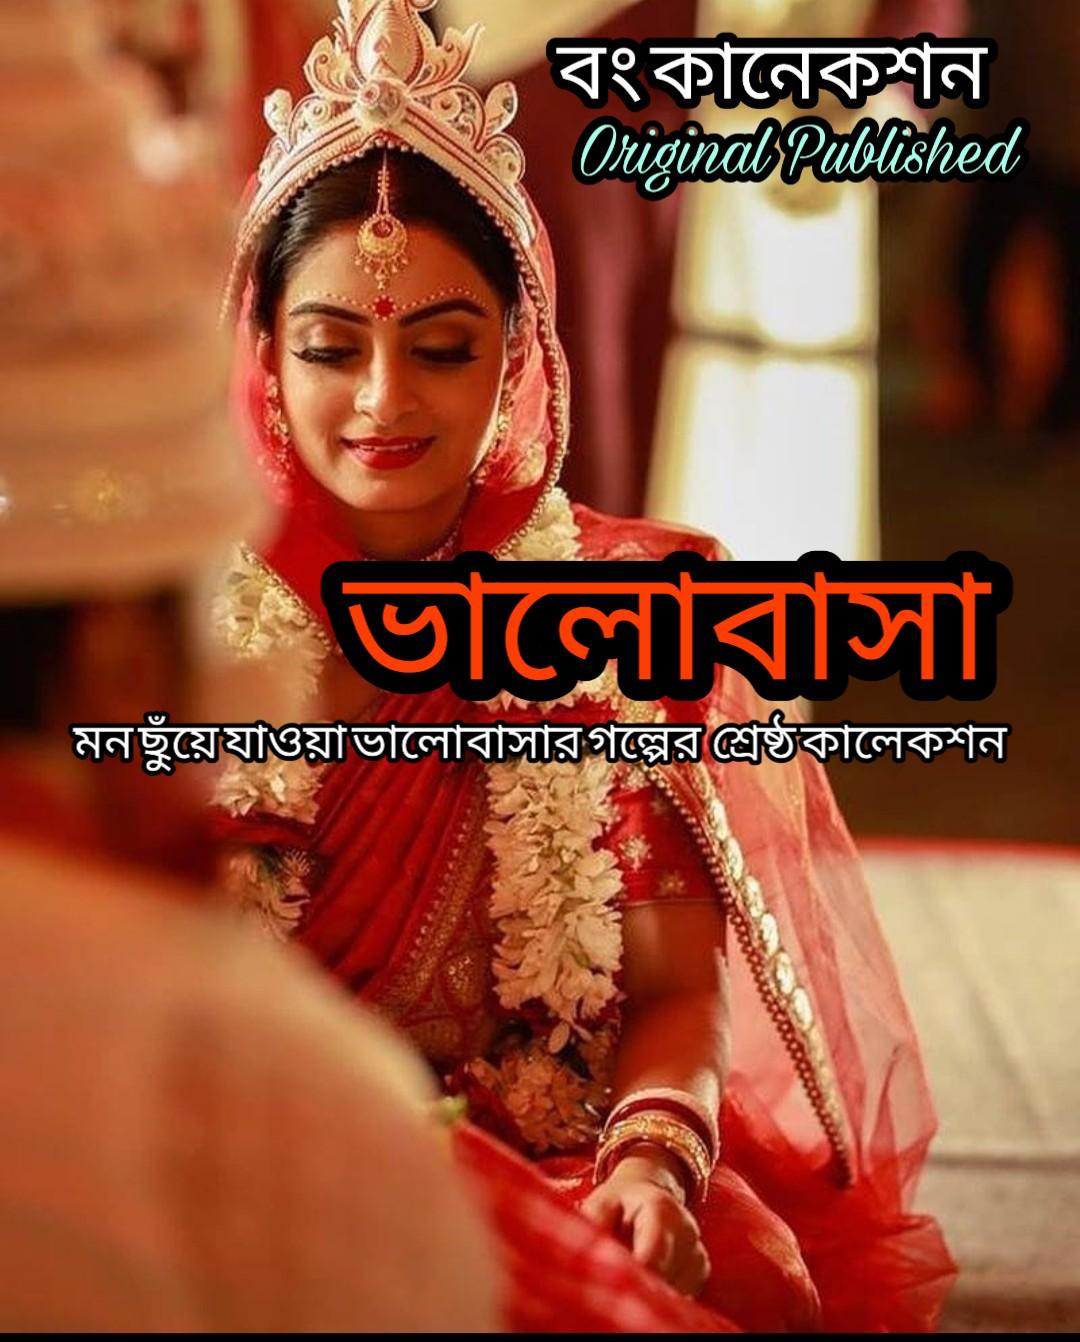 ভালোবাসা - Valobashar Romantic Golpo - Love Story Bangla Valobashar Golpo